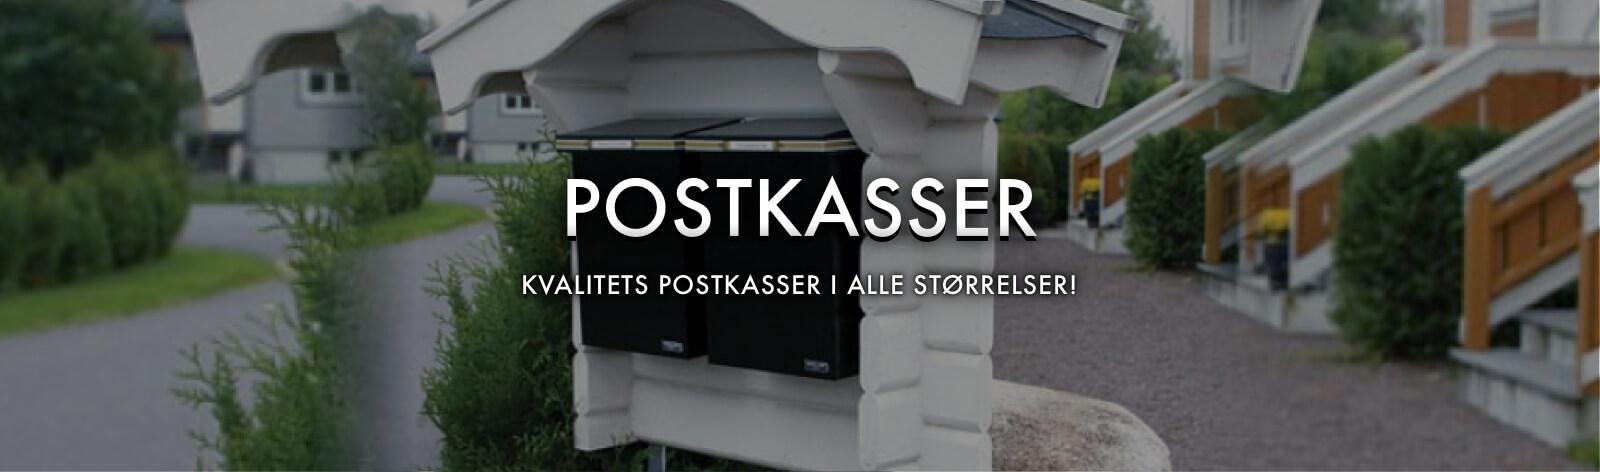 Postkasser store